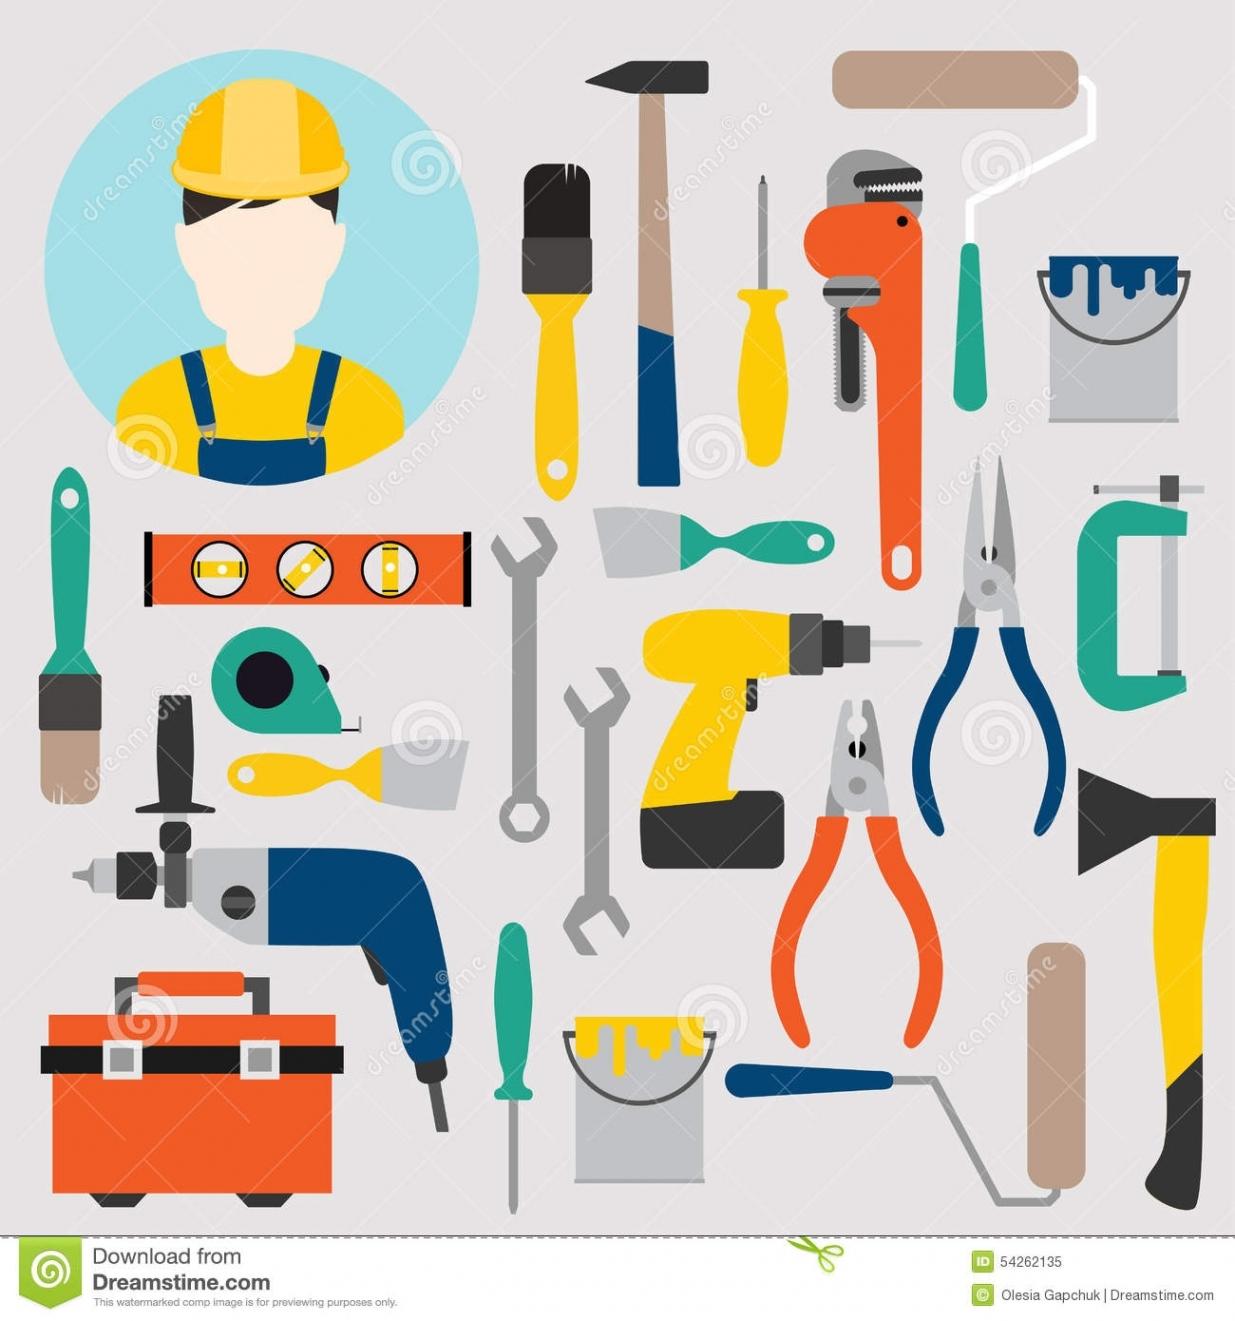 Home Improvement Tools Clipart.